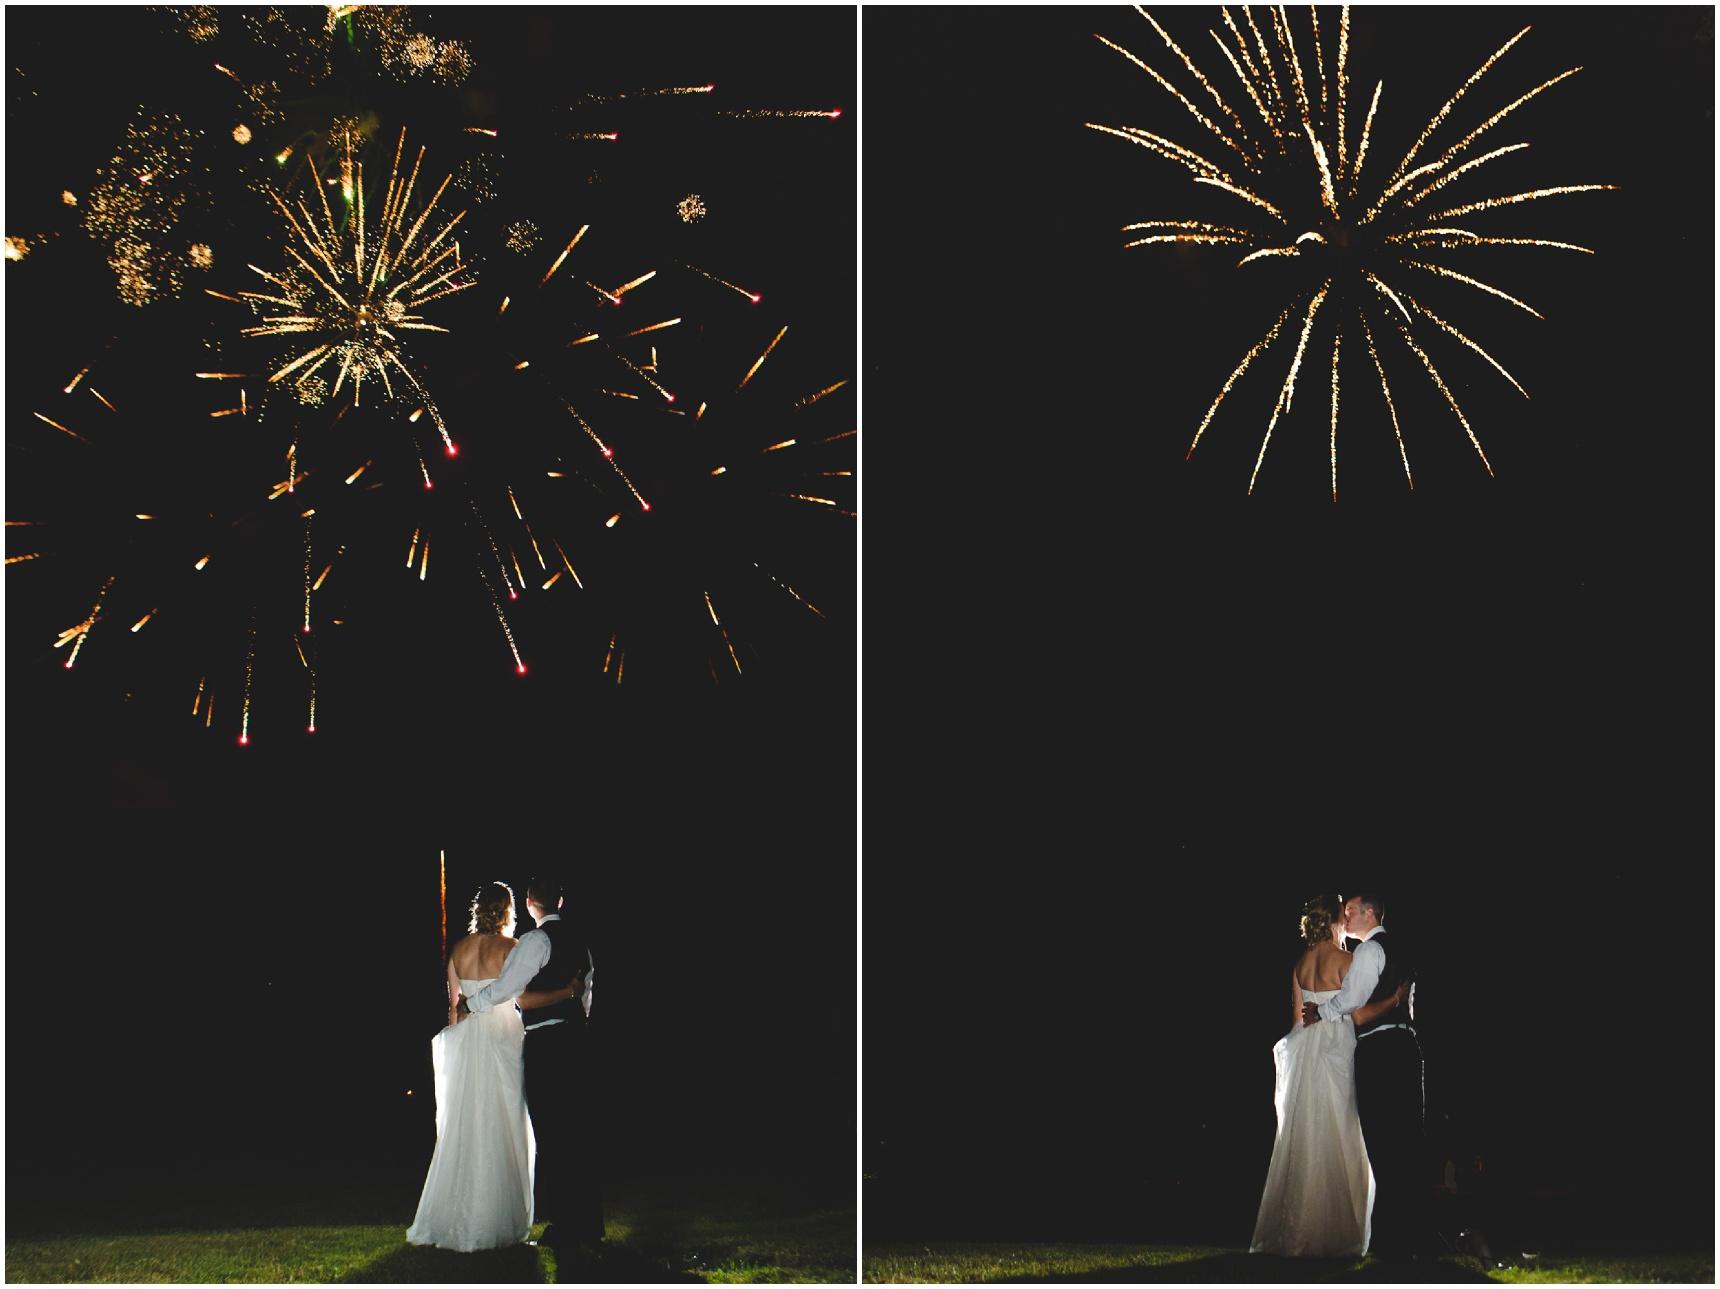 Buffalo-Avanti-Wedding-Photographer_076.jpg